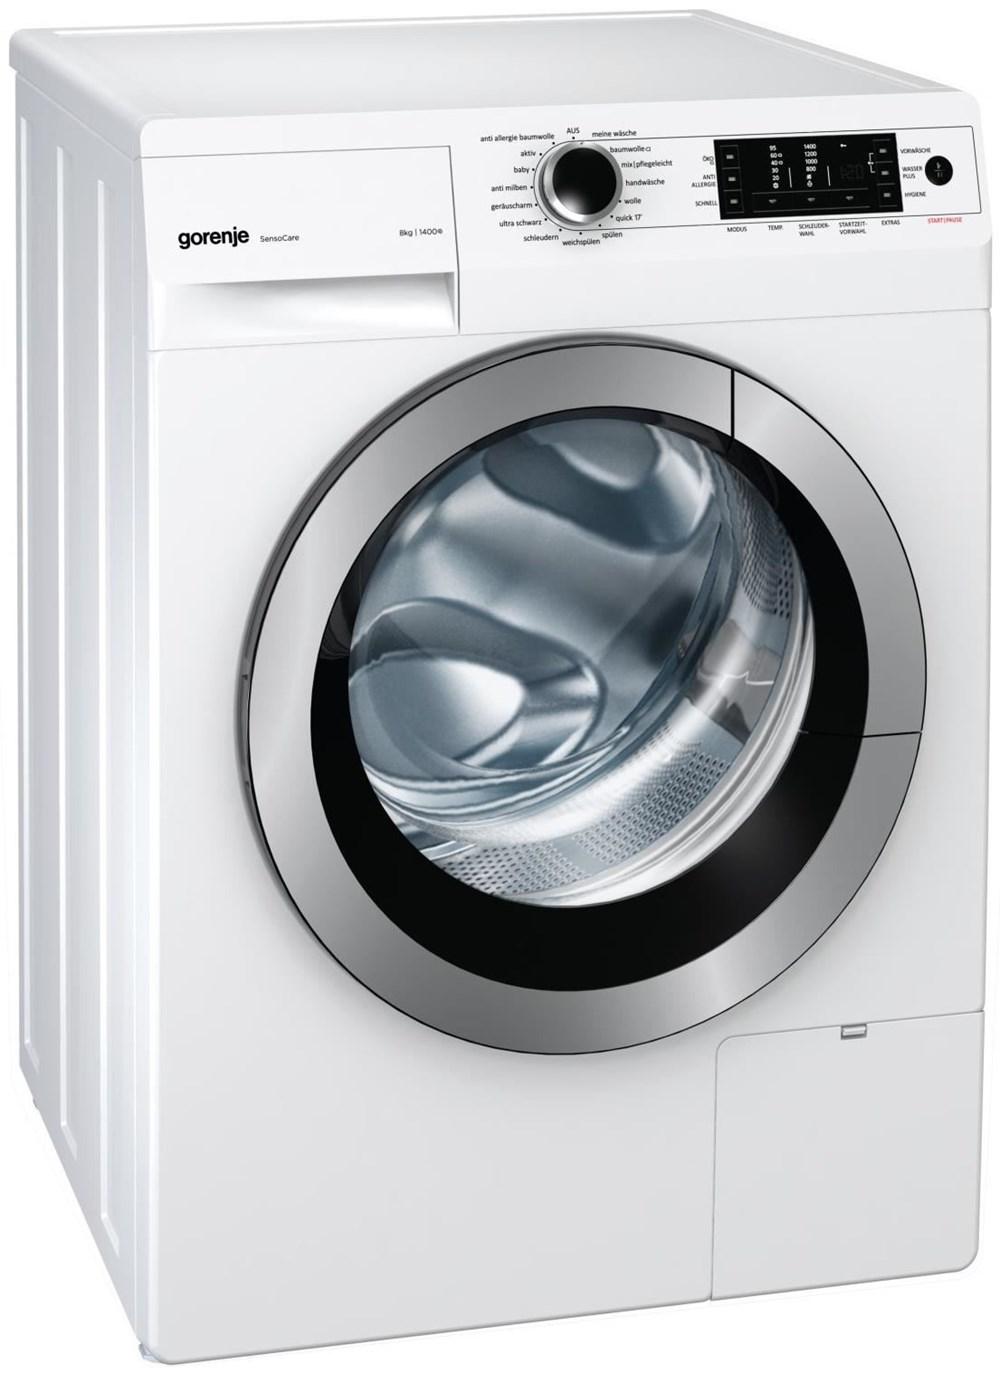 gorenje w 8554tx i waschautomat waschmaschinen. Black Bedroom Furniture Sets. Home Design Ideas